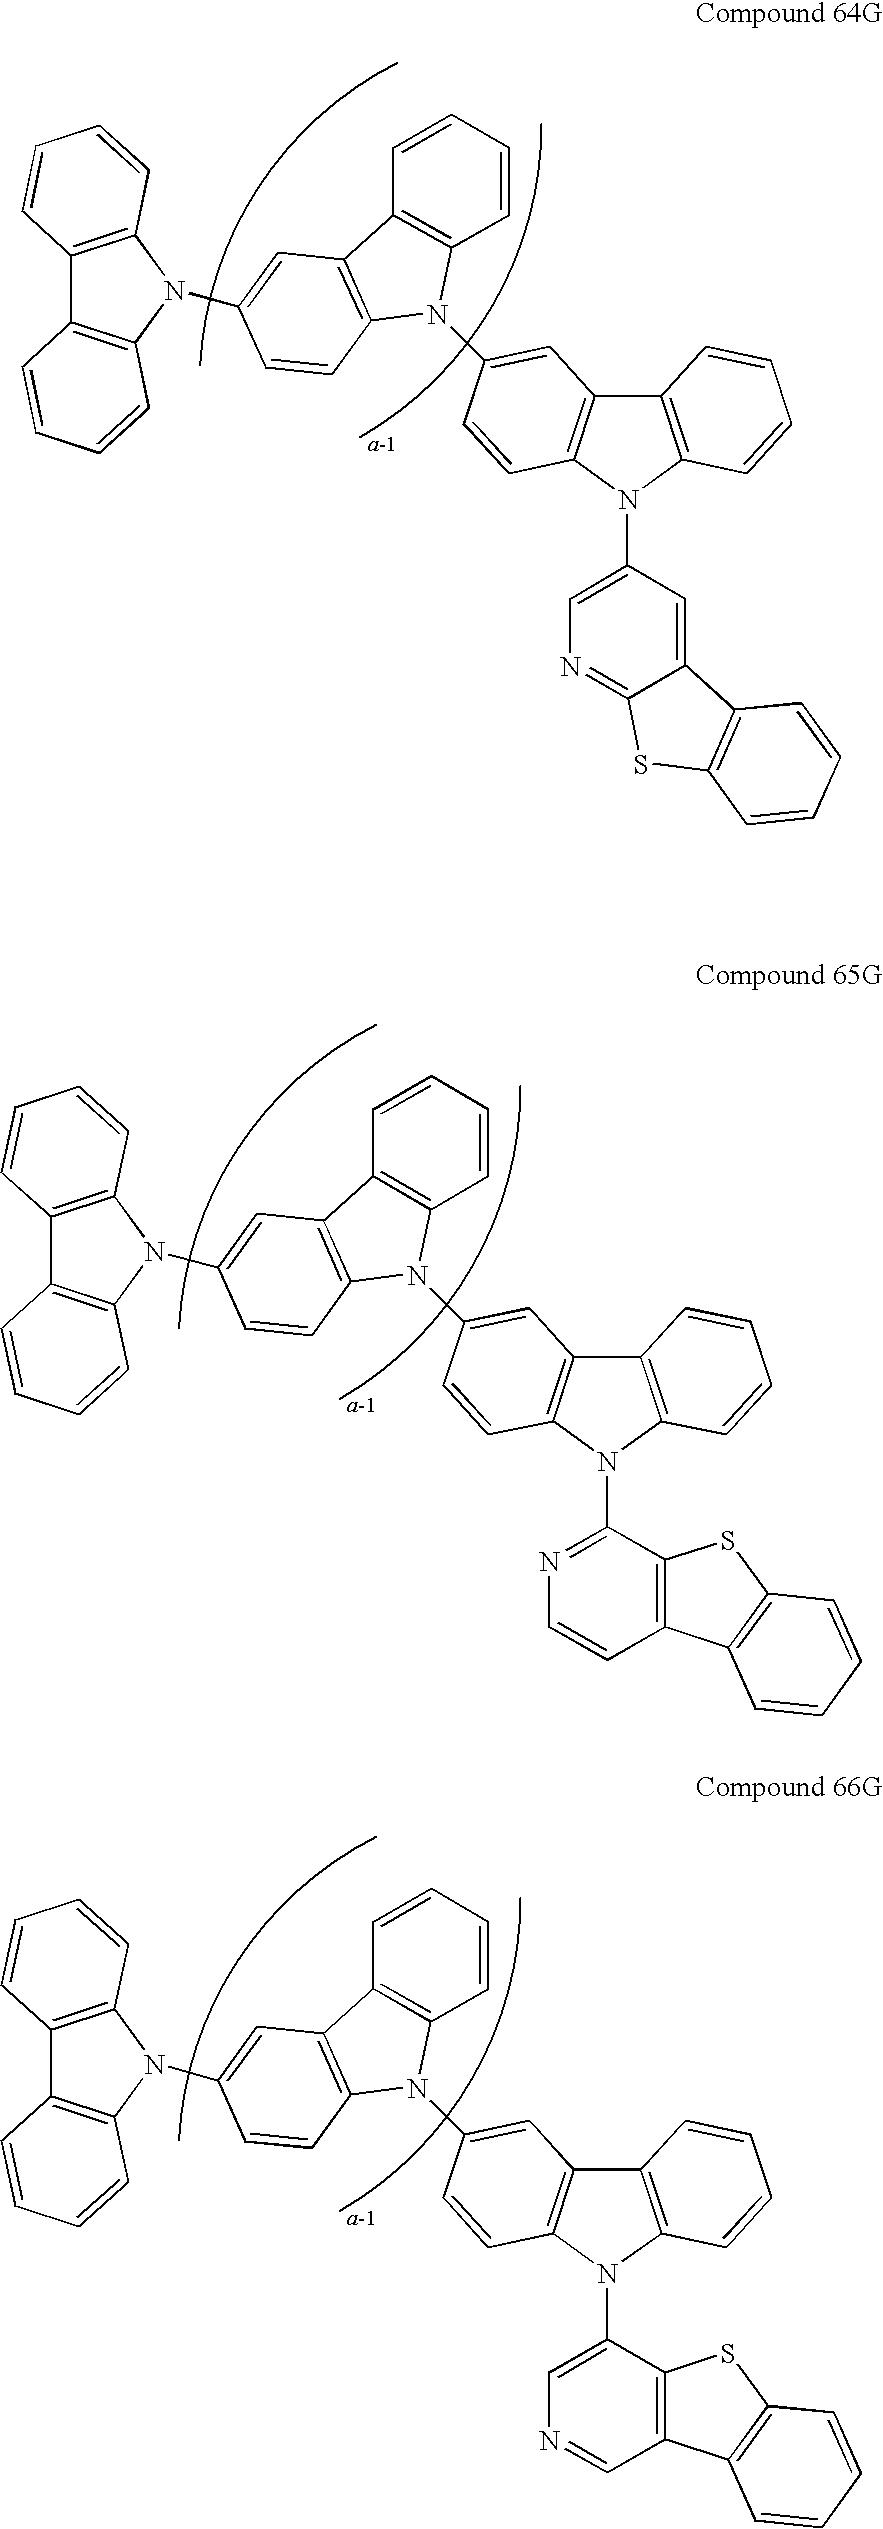 Figure US20090134784A1-20090528-C00025